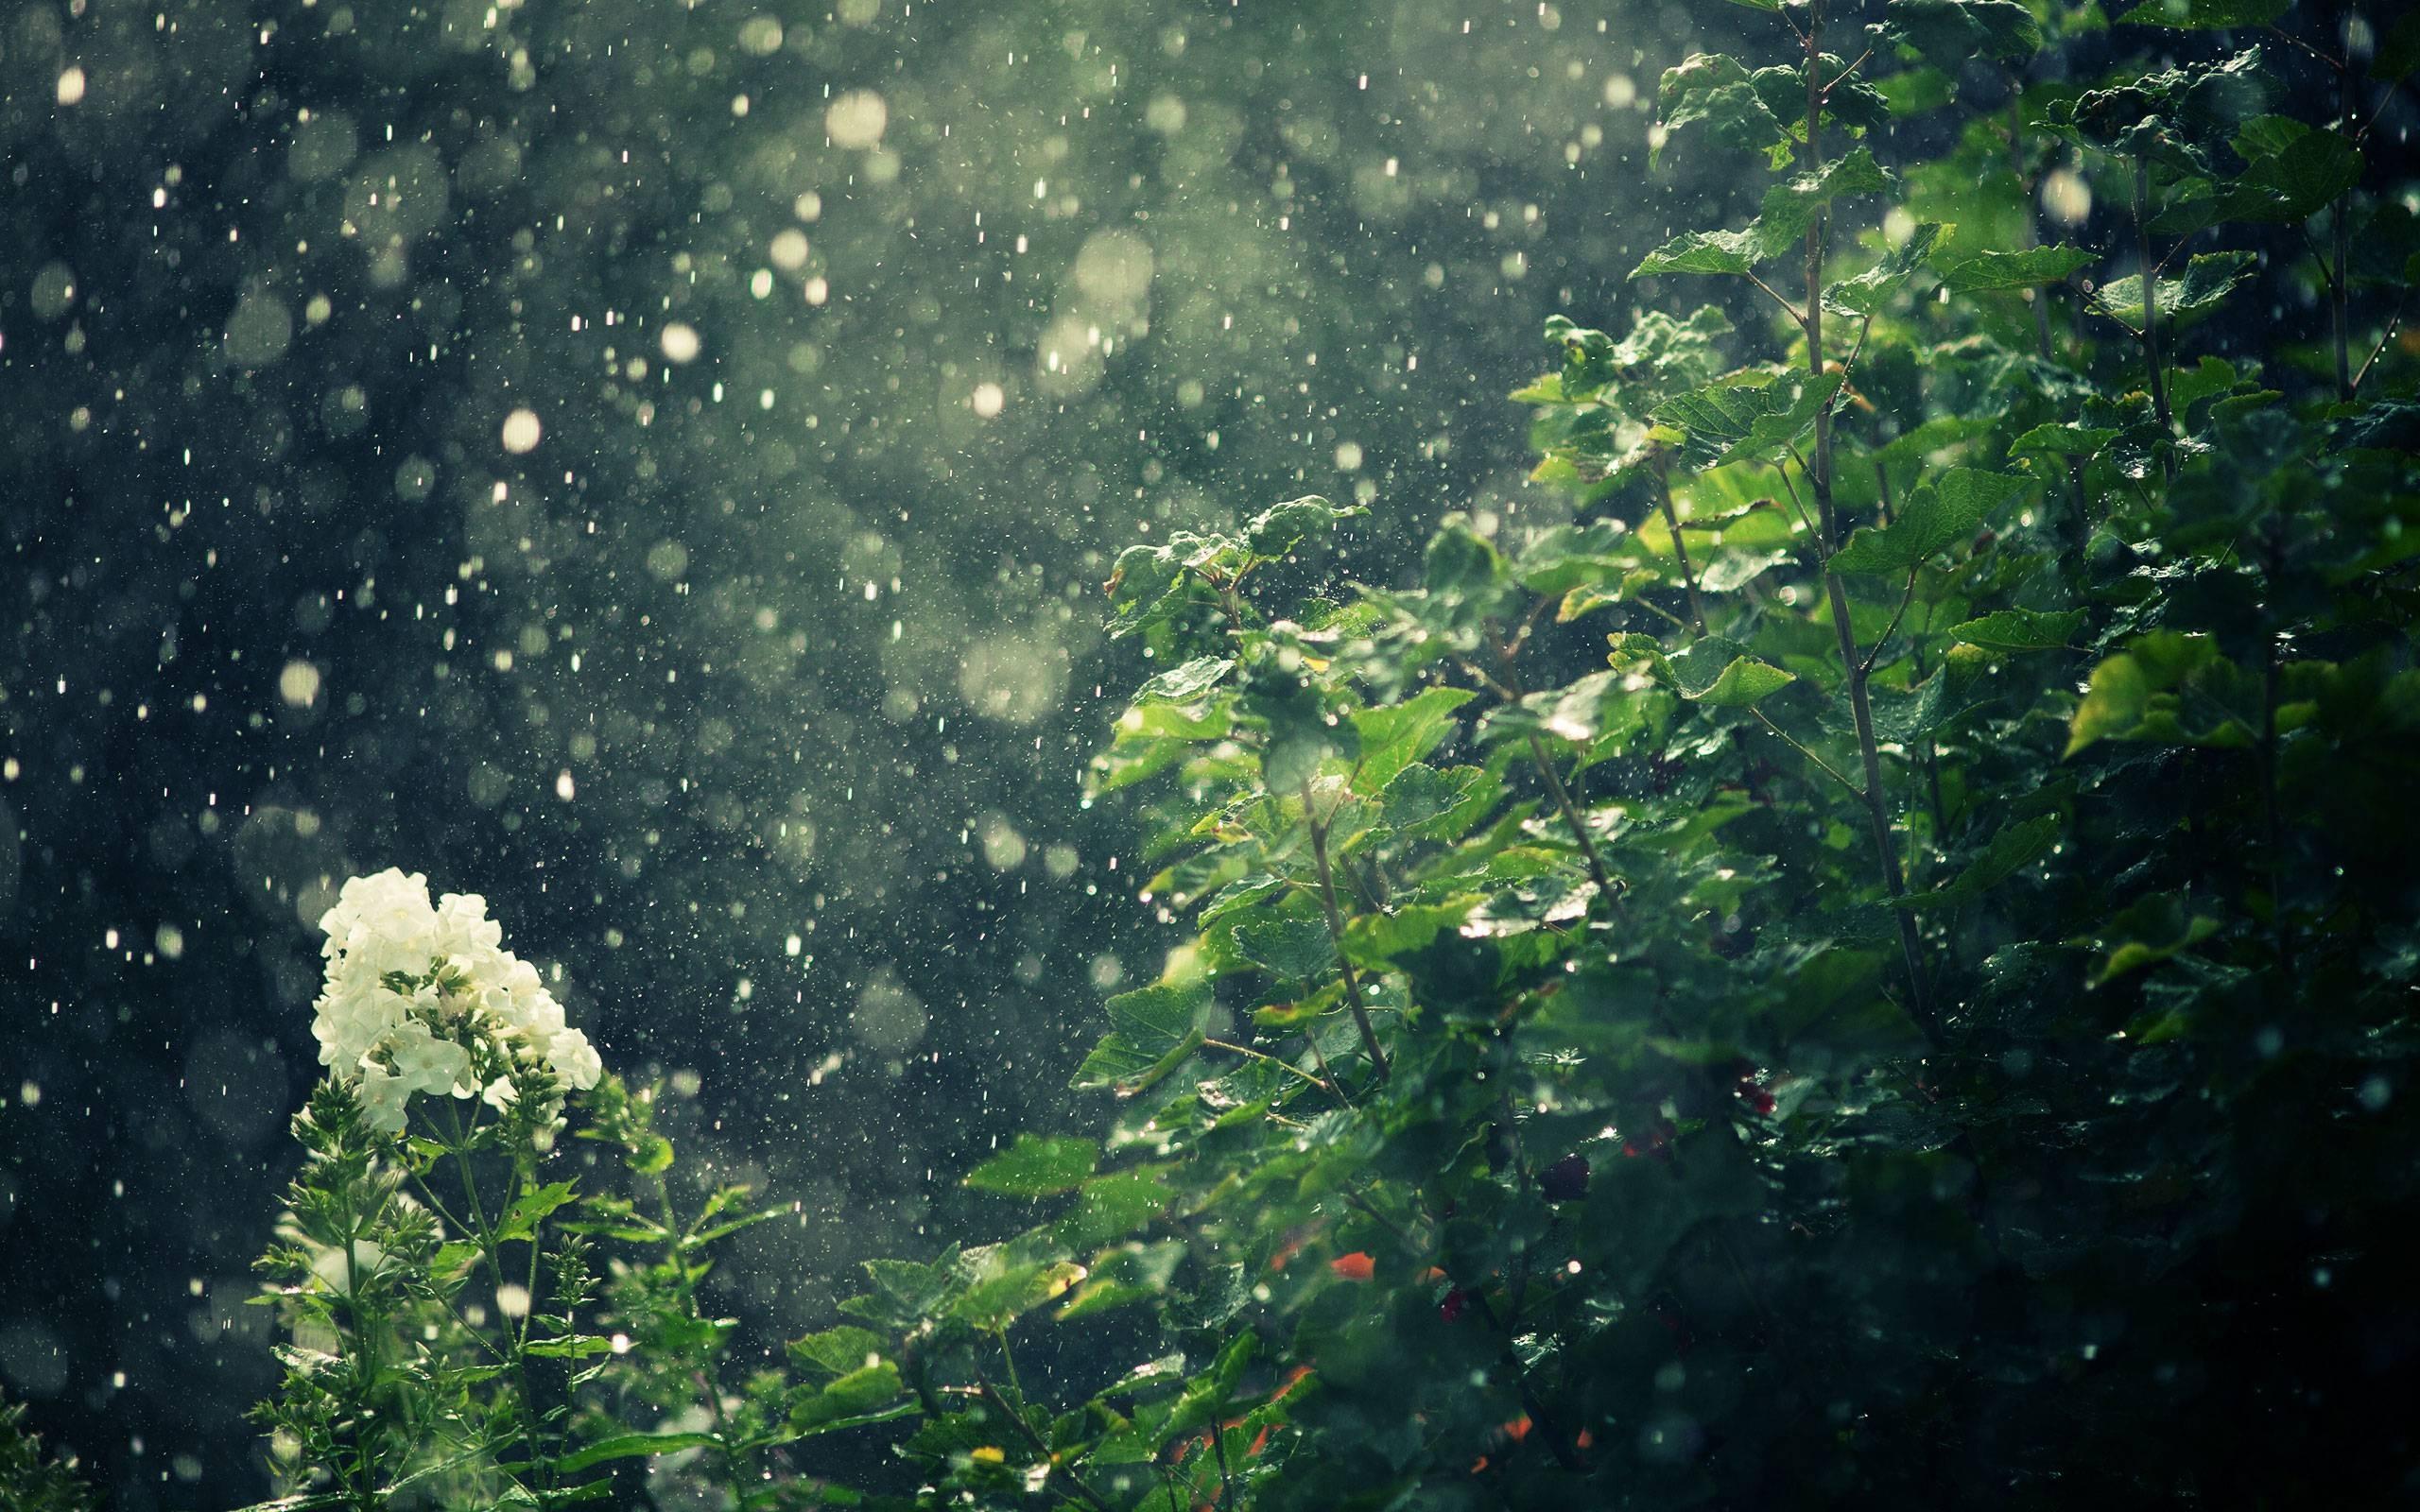 rain showers background summer - photo #1